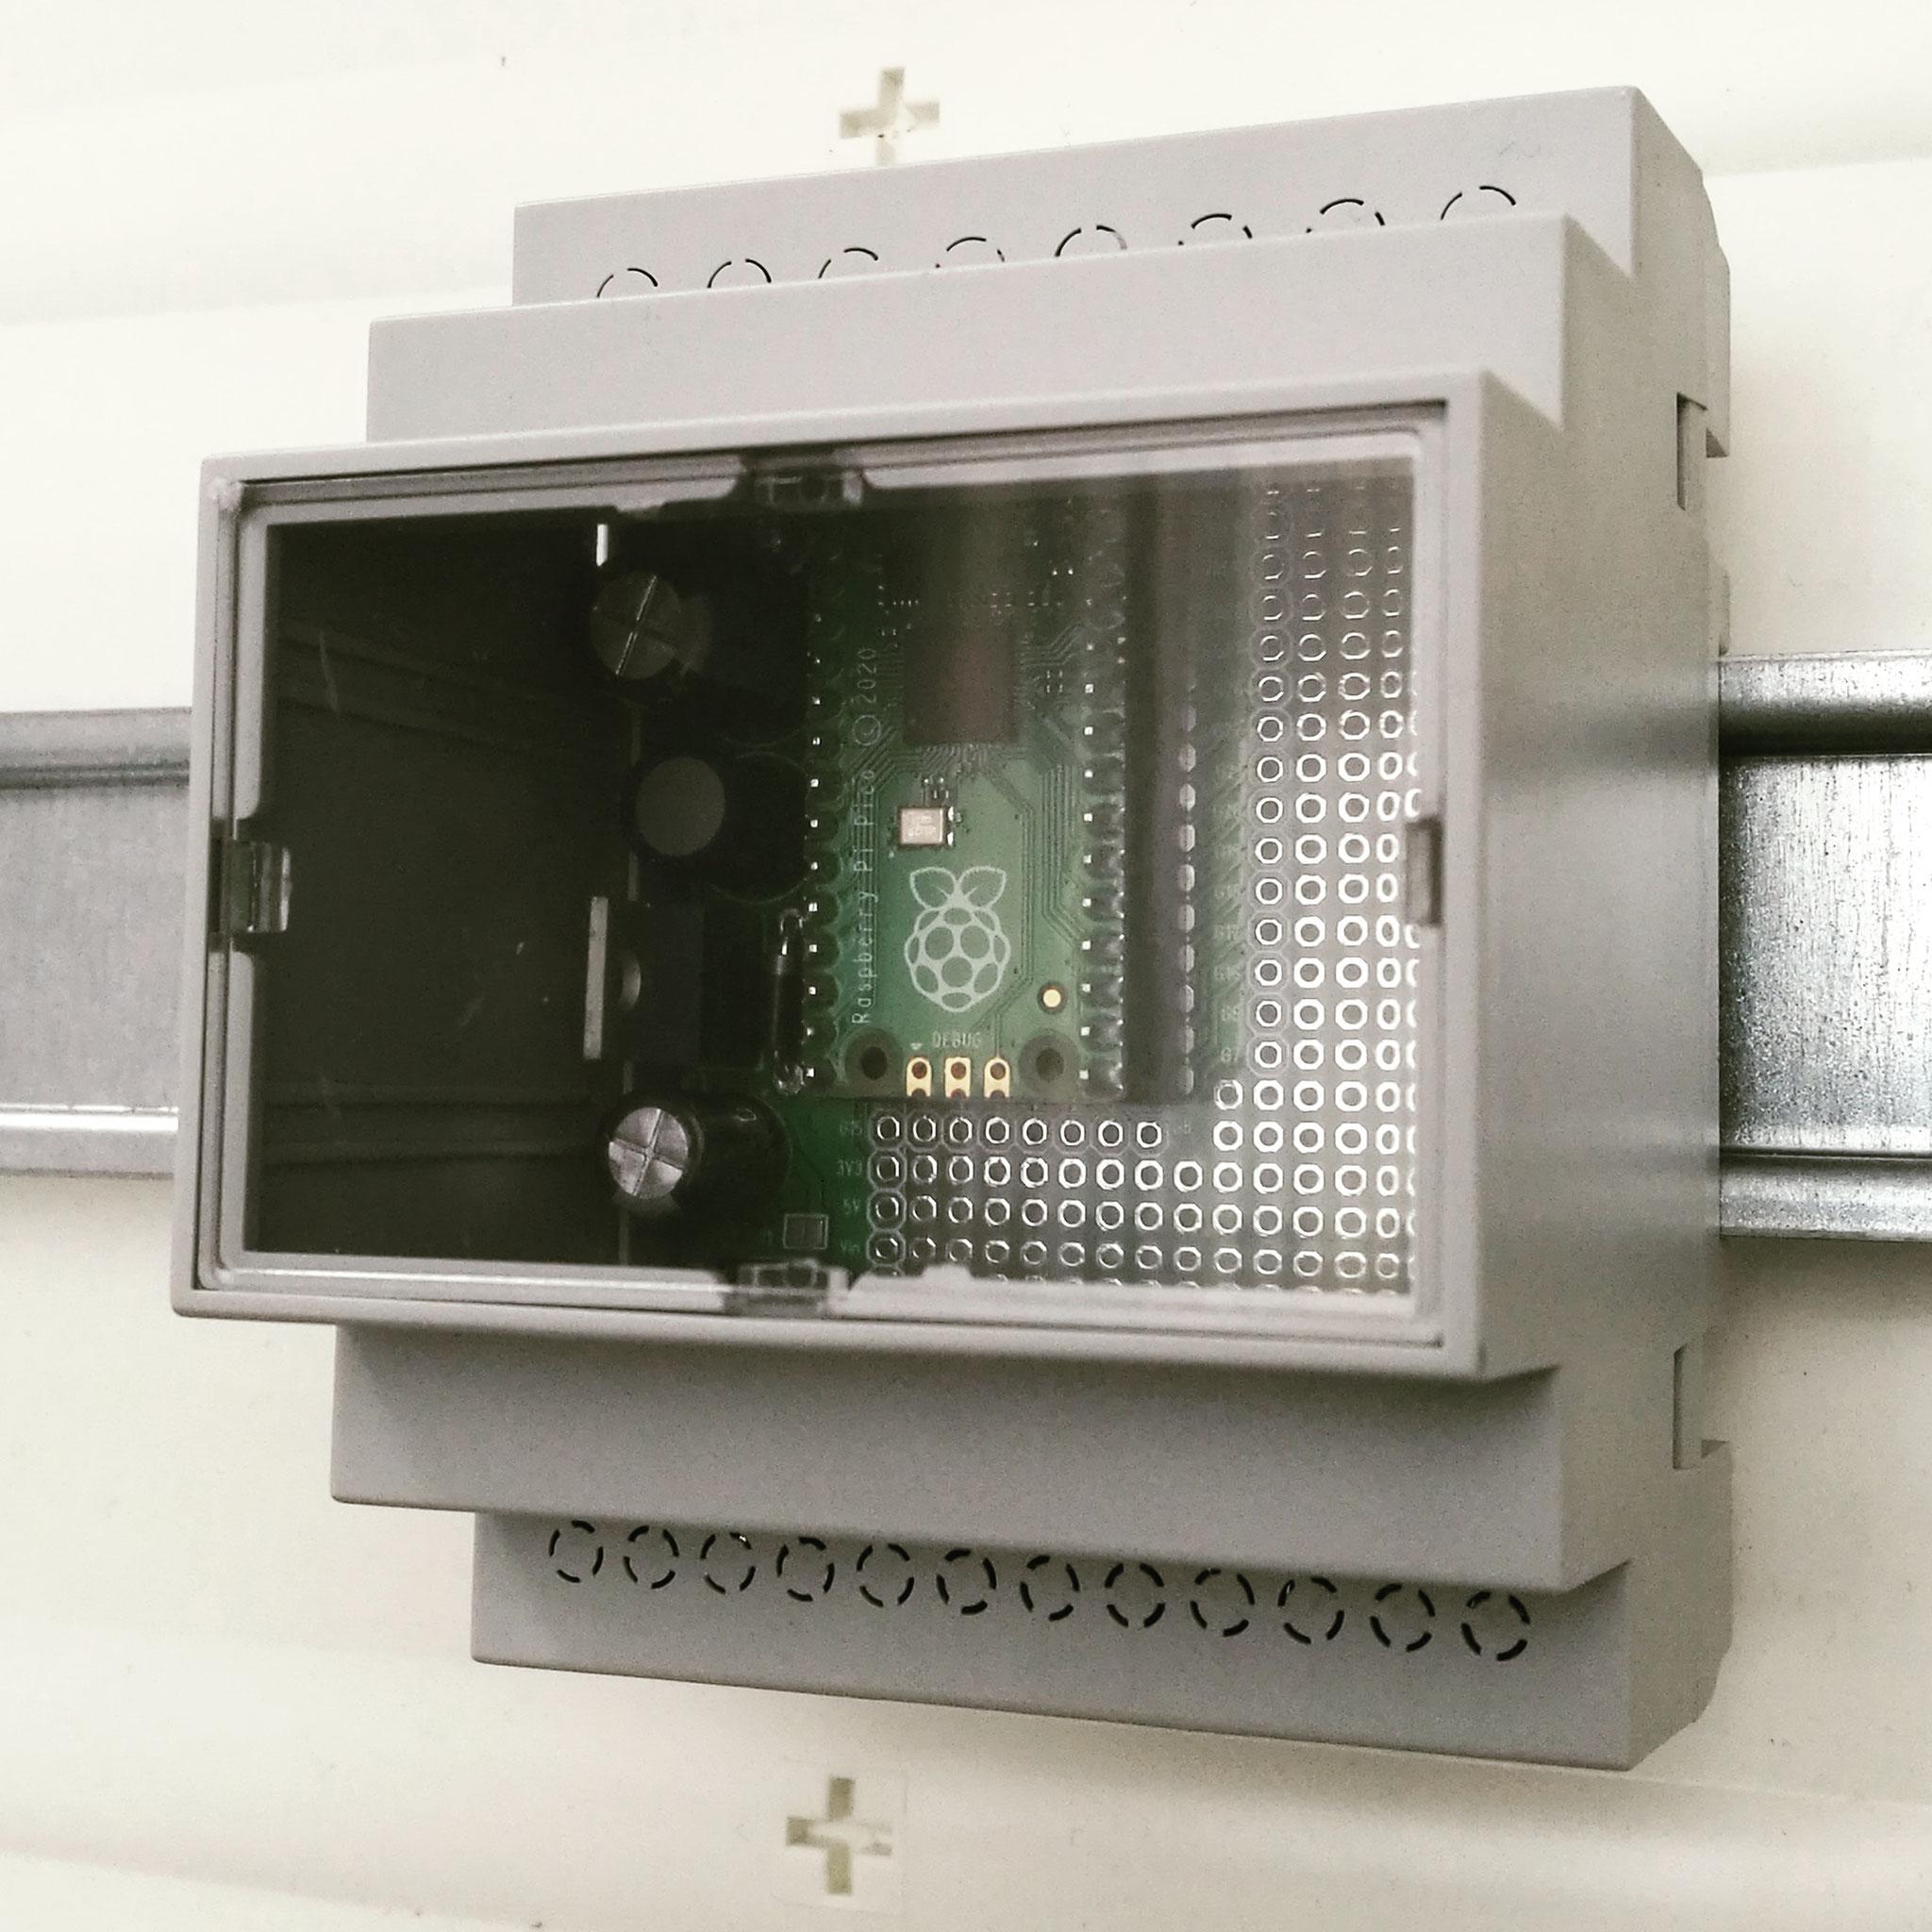 RasPiBox Pico montiert im Schaltschrank